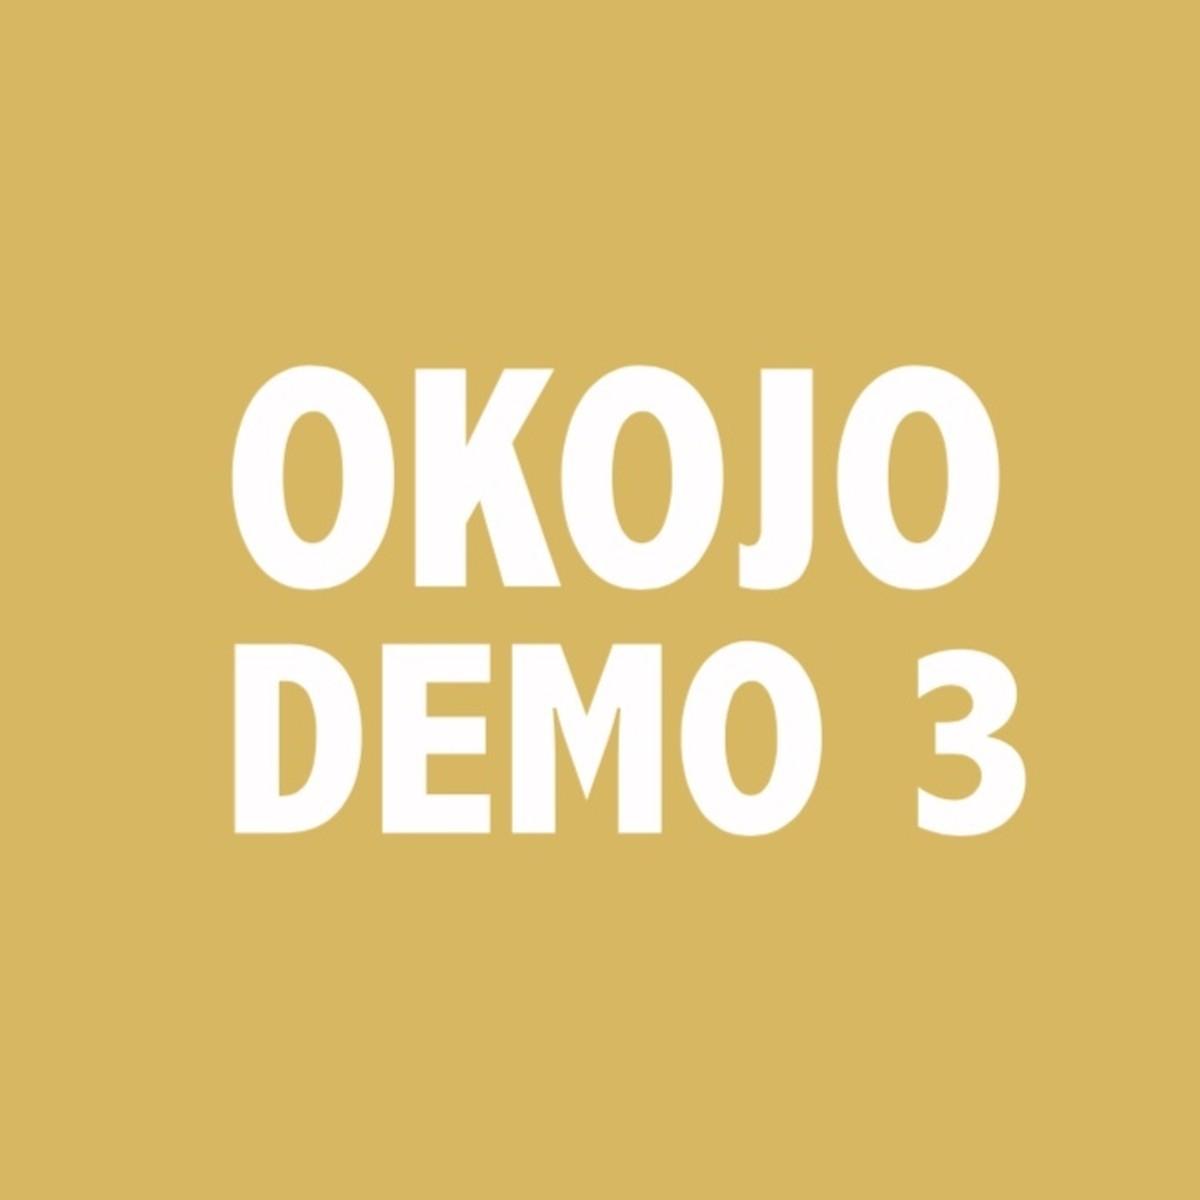 『OKOJO おばさんになっても 歌詞』収録の『DEMO 3』ジャケット